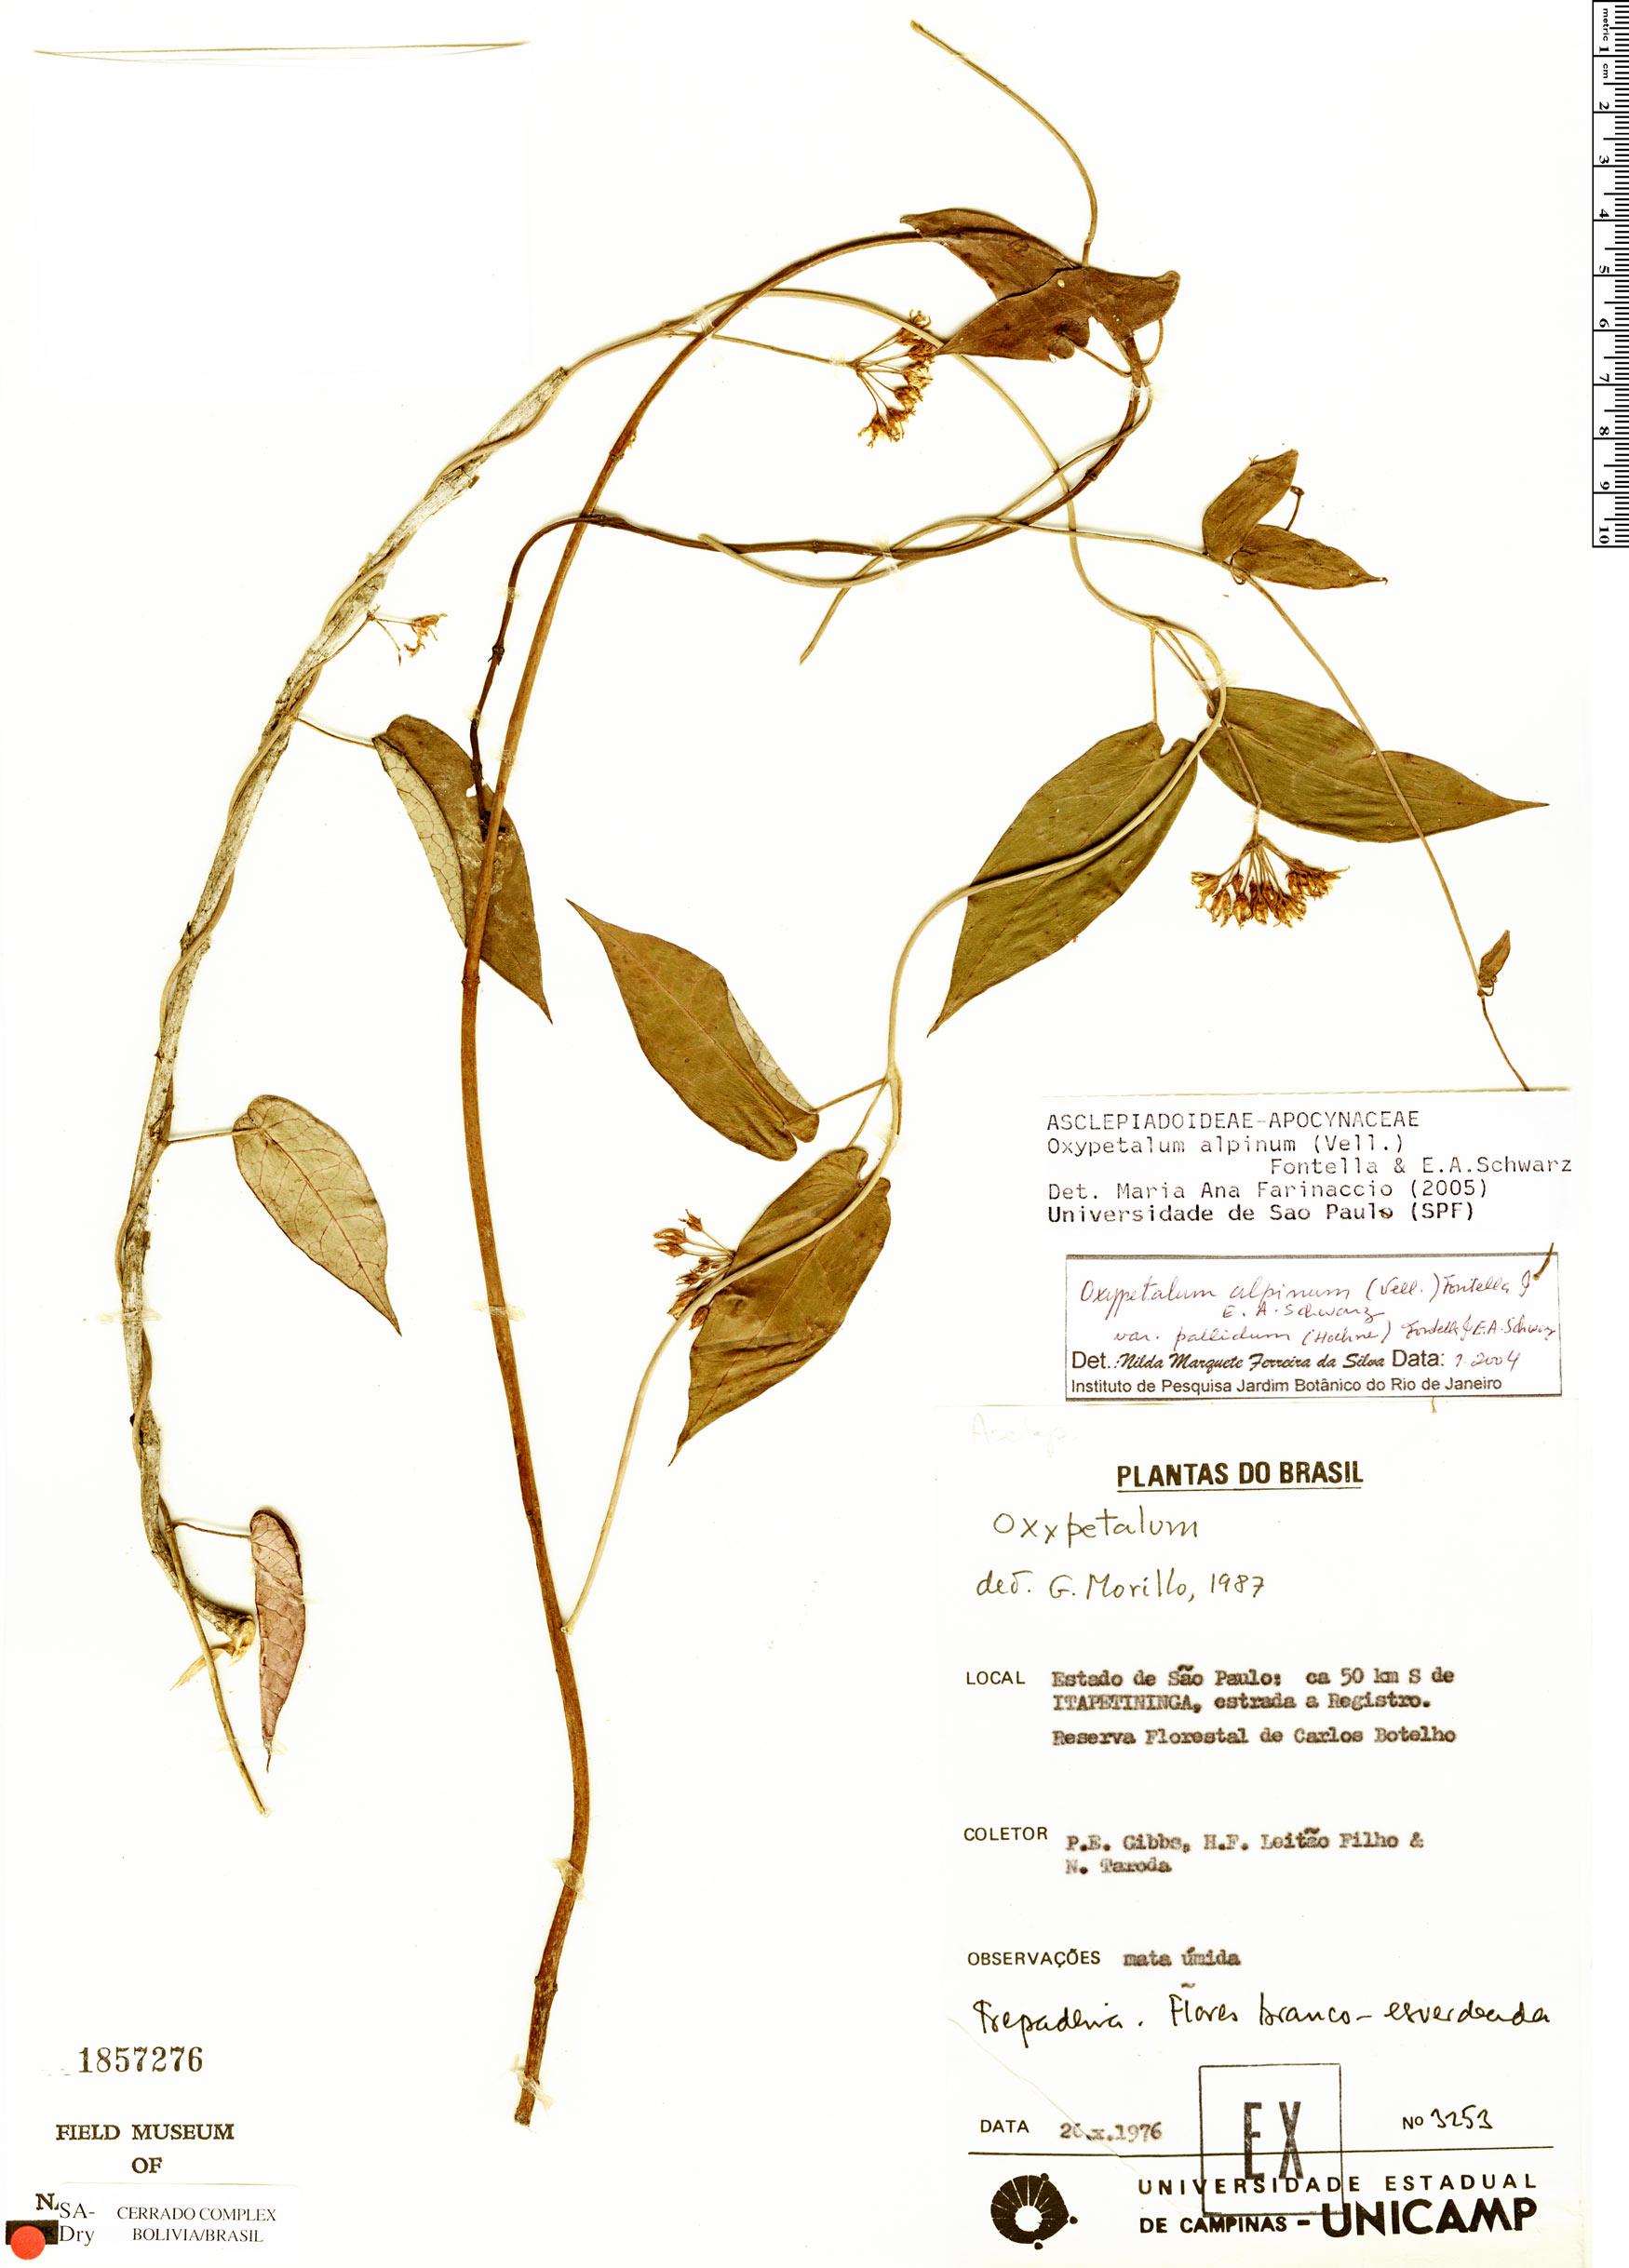 Specimen: Oxypetalum alpinum